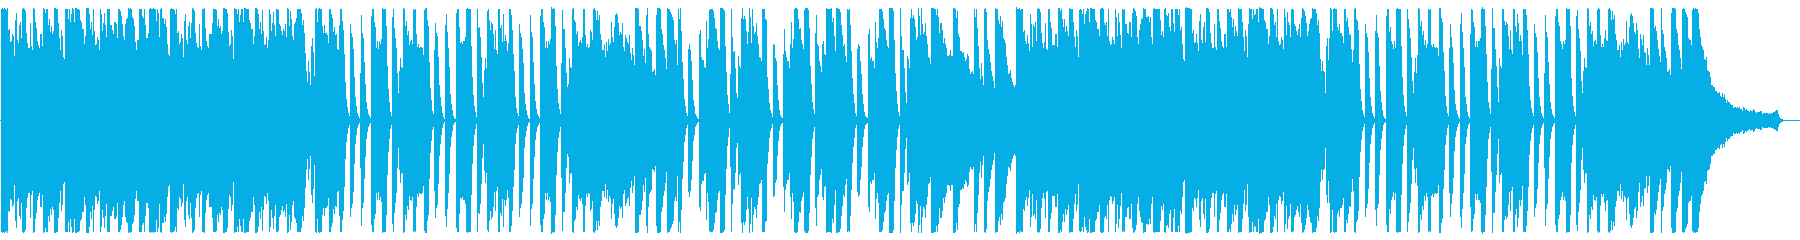 シンプルで明るくわくわくするピアノソロの再生済みの波形